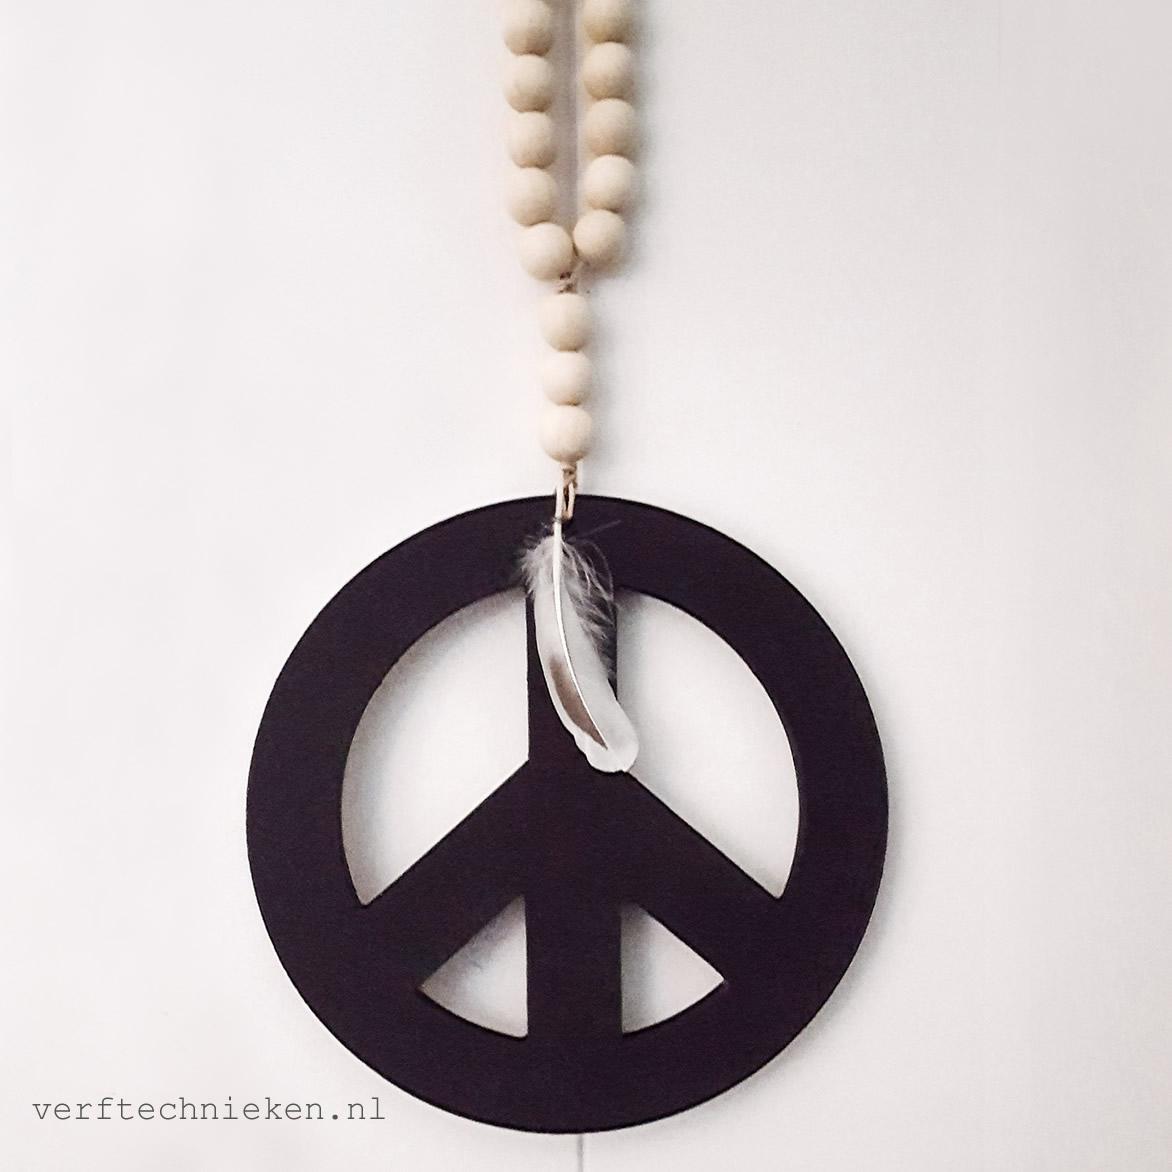 DIY-Pakket Woonketting Peace Black-verftechnieken.nl